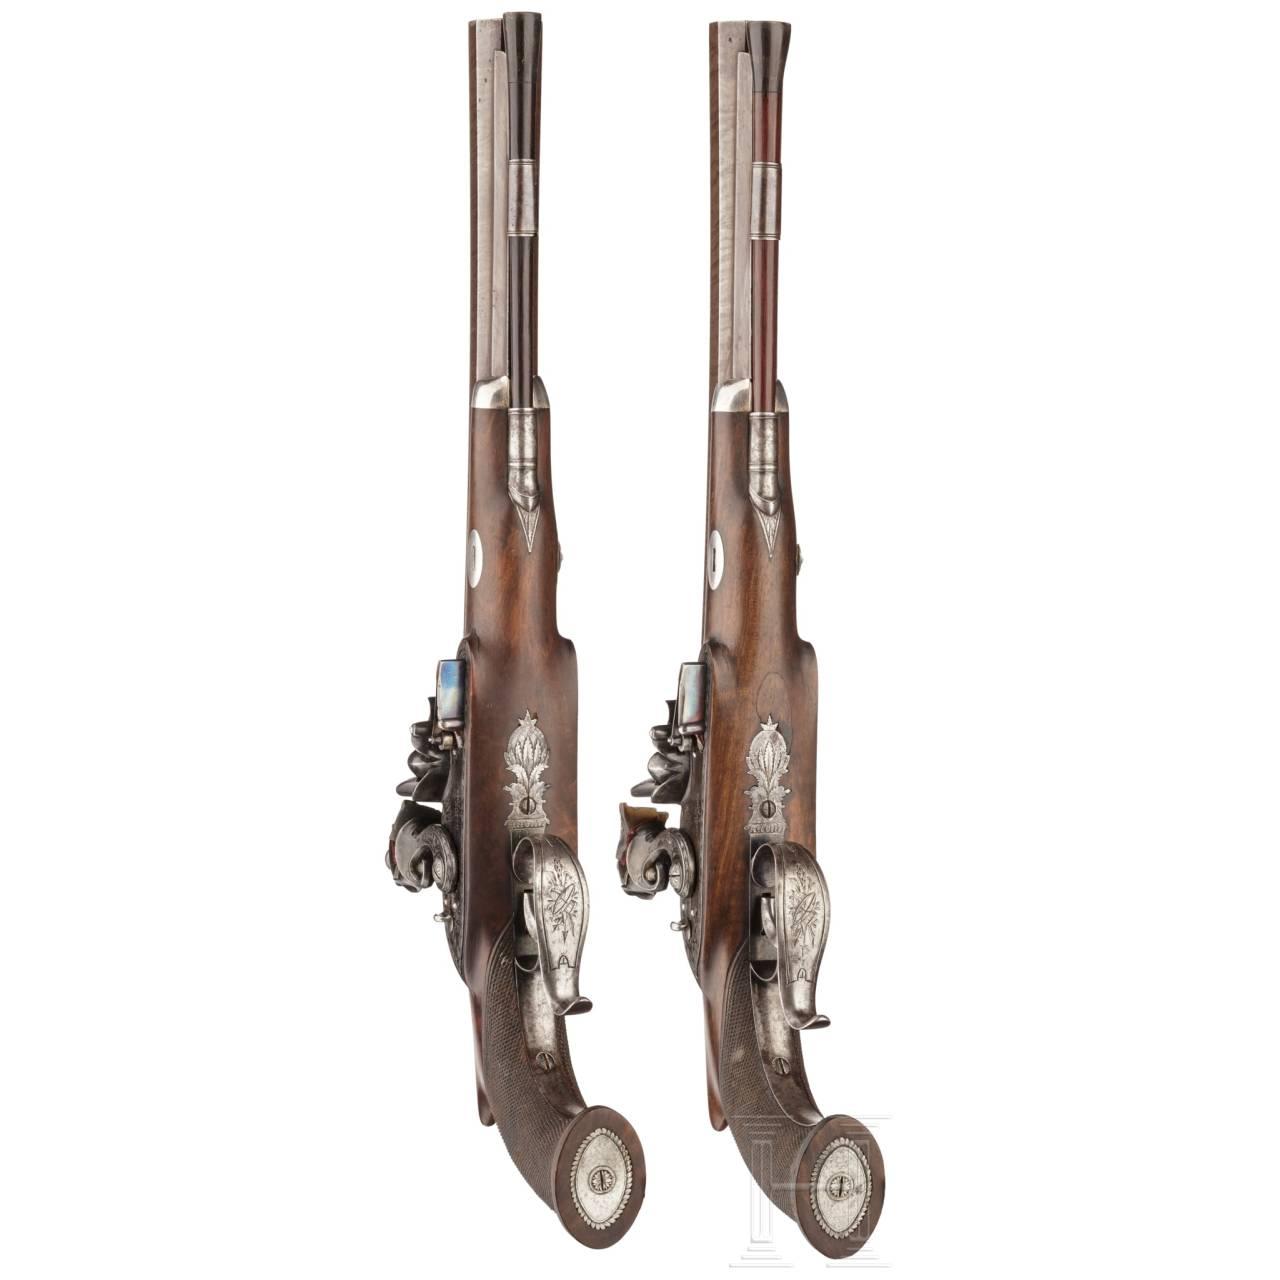 Ein Paar Steinschlosspistolen mit Anschlagschaft im Kasten, H. W. Mortimer & Co. in London, um 1810